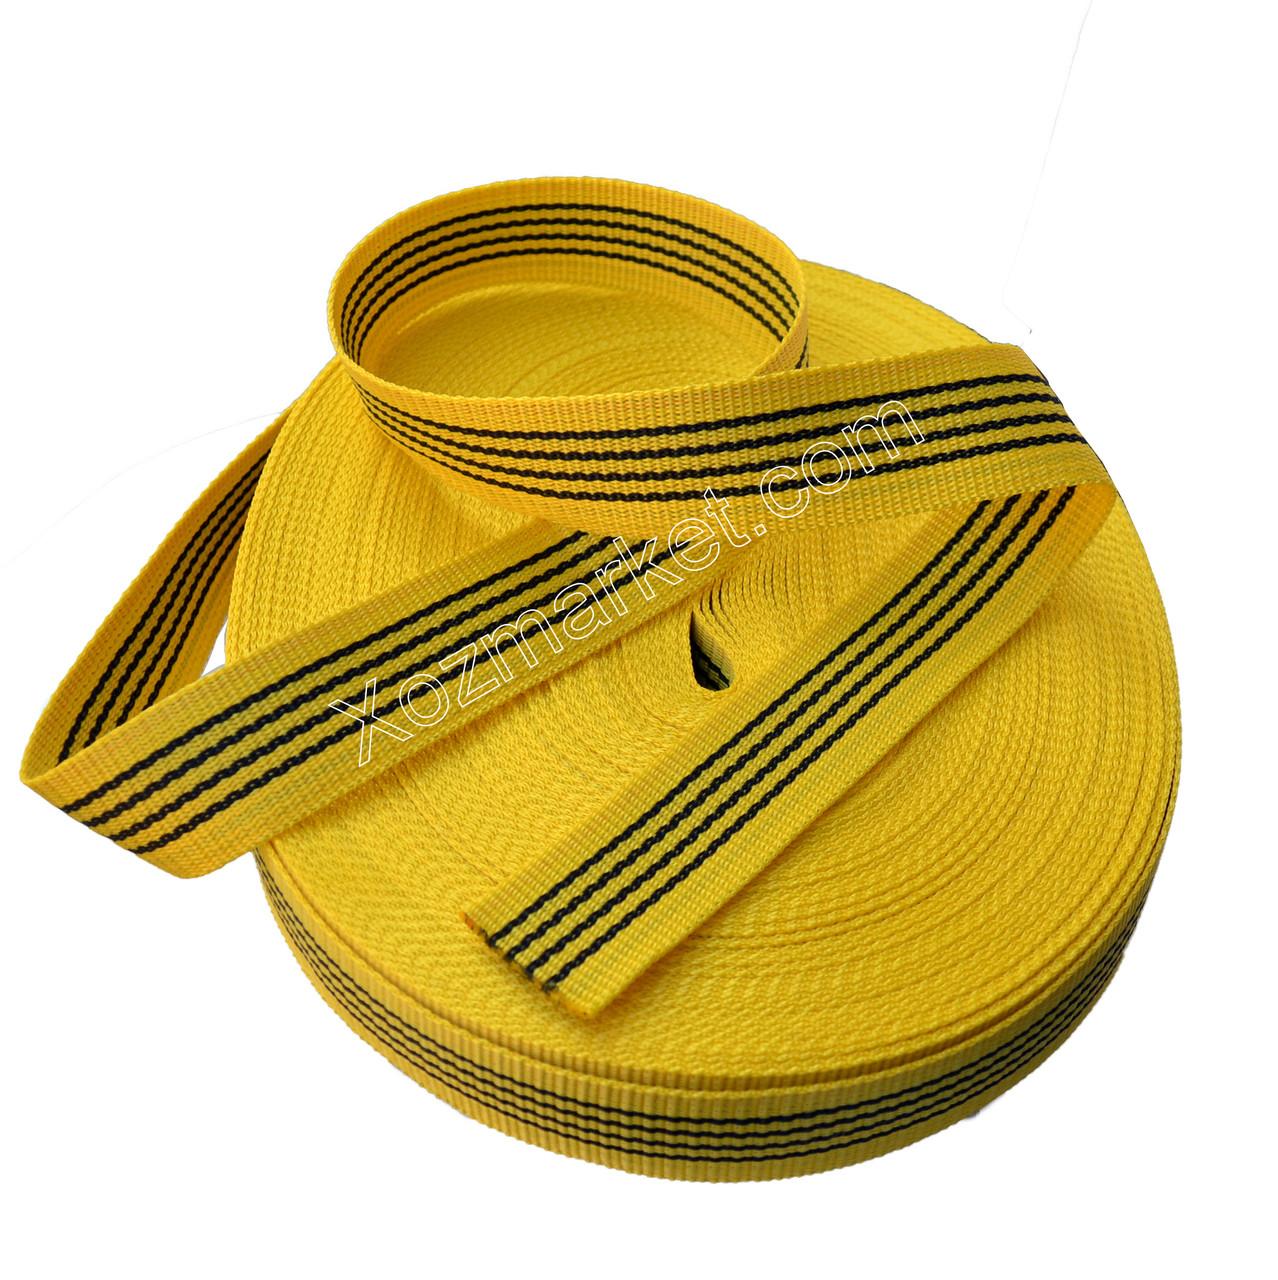 Стрічка 40 мм*50 м жовта буксирувальна (Стрічка для буксирування авто) (жовта)